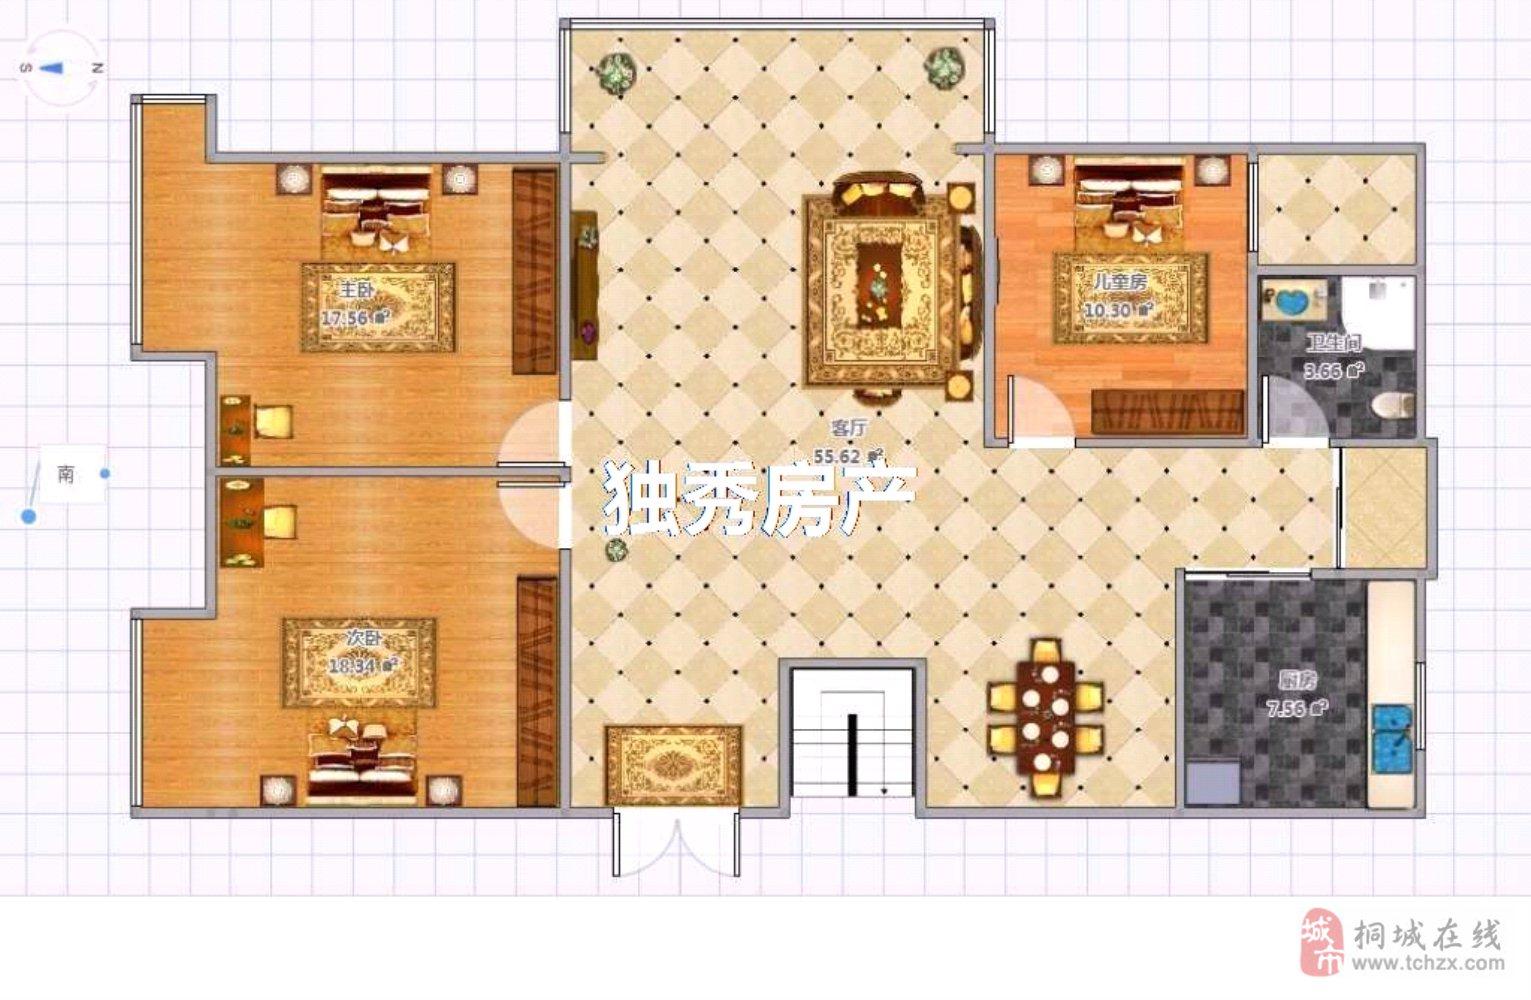 出售金瑞名城精装房3室2厅1卫85万元